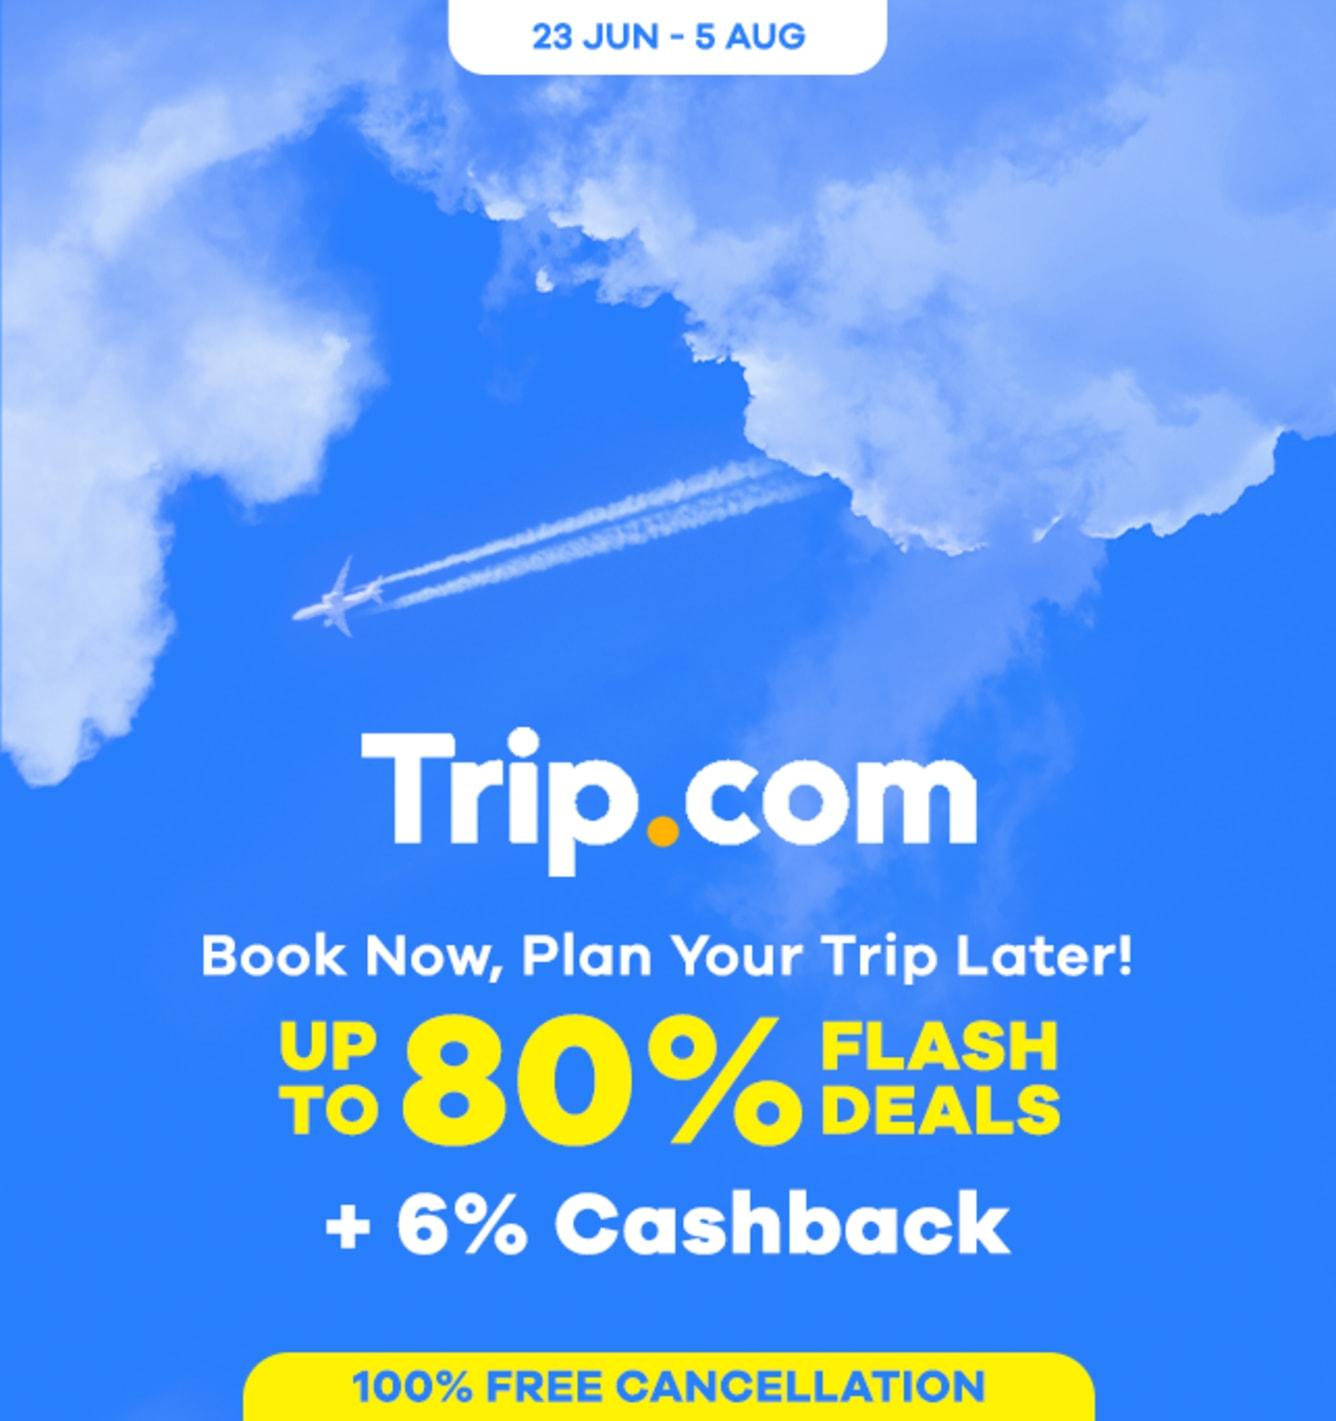 Trip.com Up to 80% Flash Deals